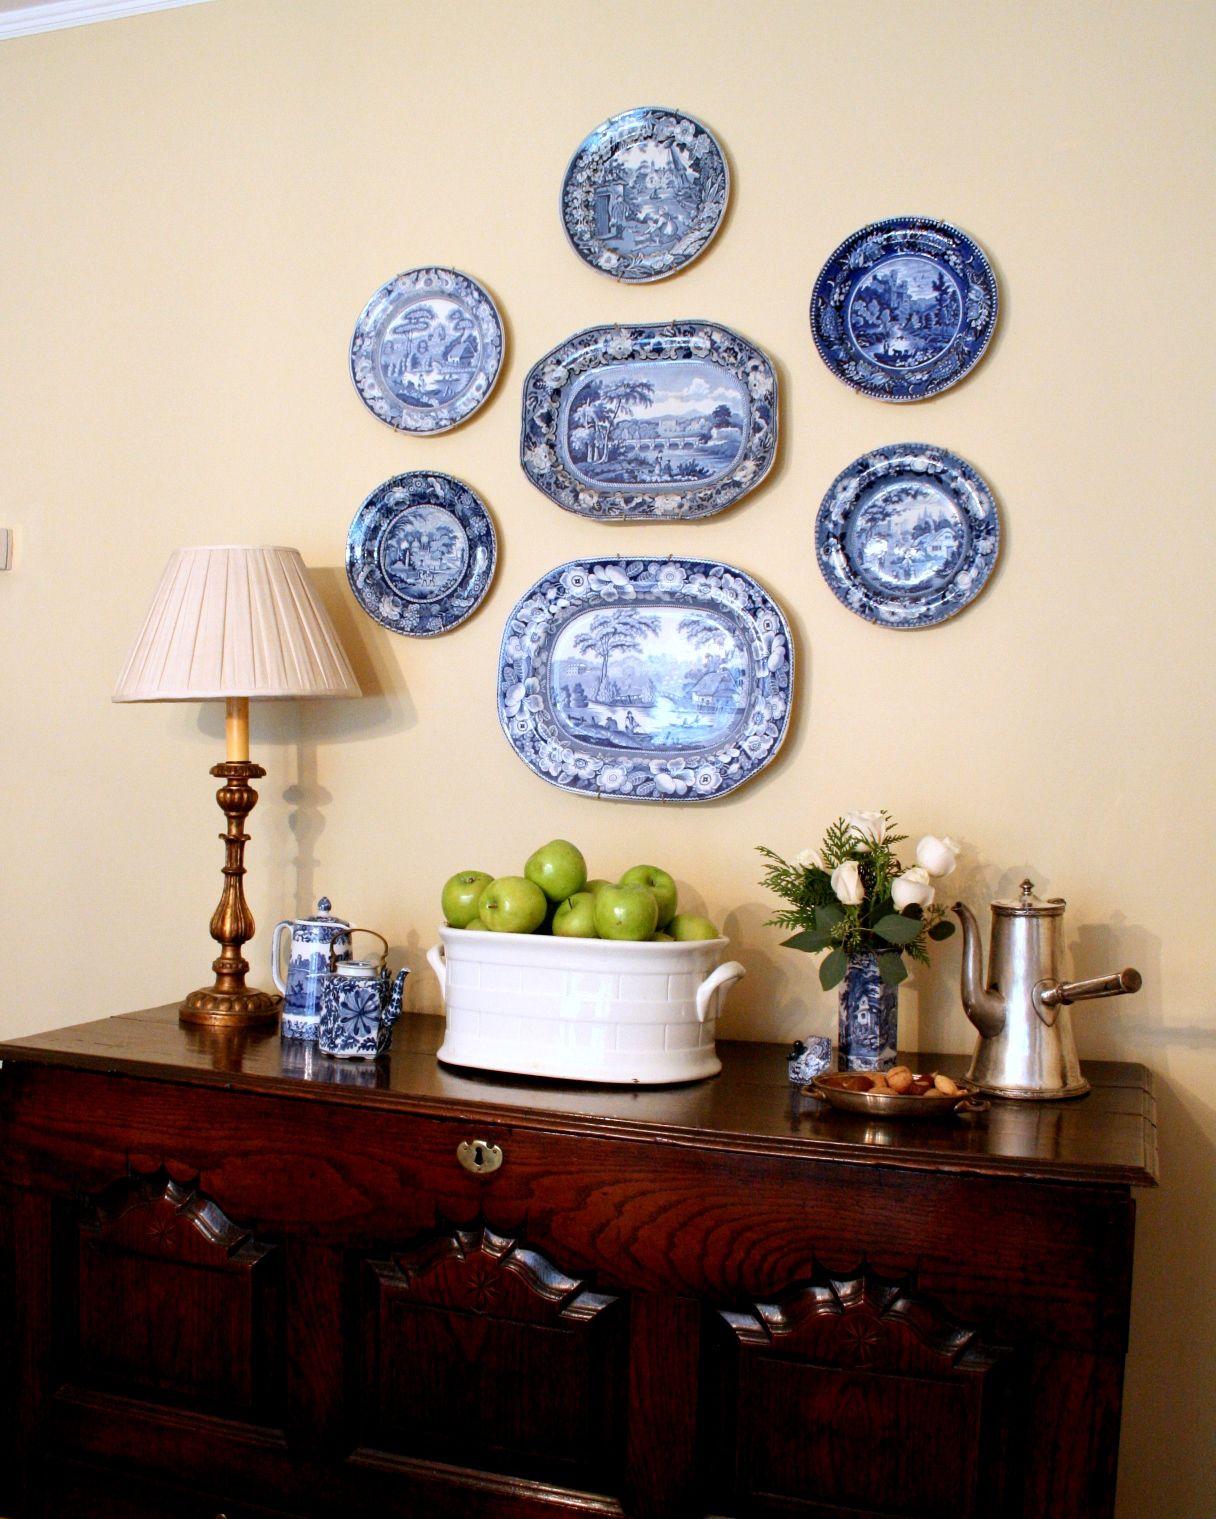 велозаезда является фотографии стен украшенных тарелками военная махина нависает